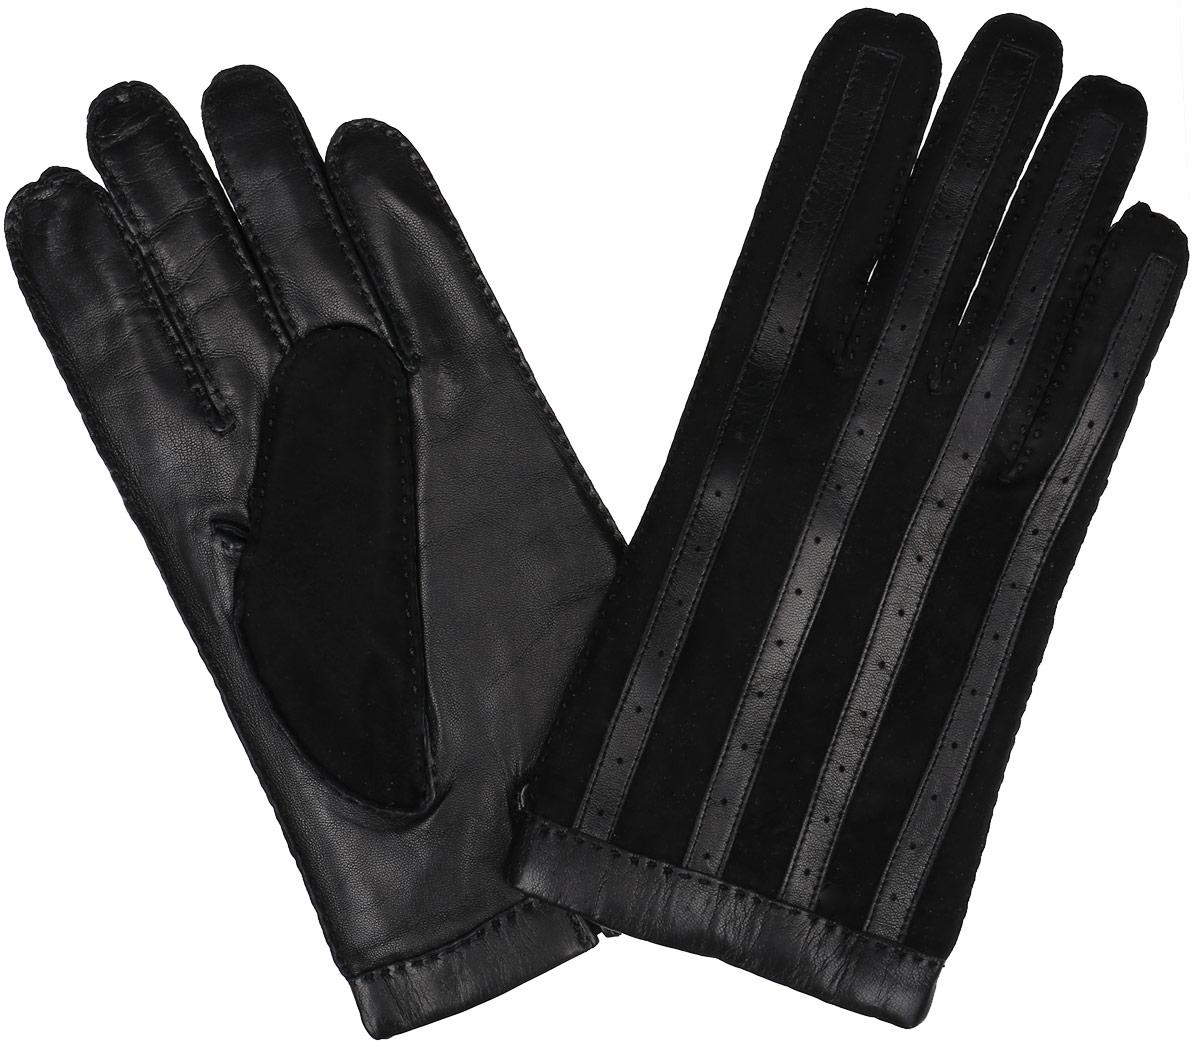 Перчатки мужские. 100_PATROLL100_PATROLL/BL//11Мужские перчатки Dali Exclusive не только защитят ваши руки от холода, но и станут стильным аксессуаром. Перчатки выполнены из мягкой и приятной на ощупь натуральной кожи (на внешней стороне замшевые вставки чередуются со вставками из кожи), подкладка - из 100% шерсти. Манжеты с тыльной стороны дополнены разрезами. Перчатки станут завершающим и подчеркивающим элементом вашего неповторимого стиля и индивидуальности.